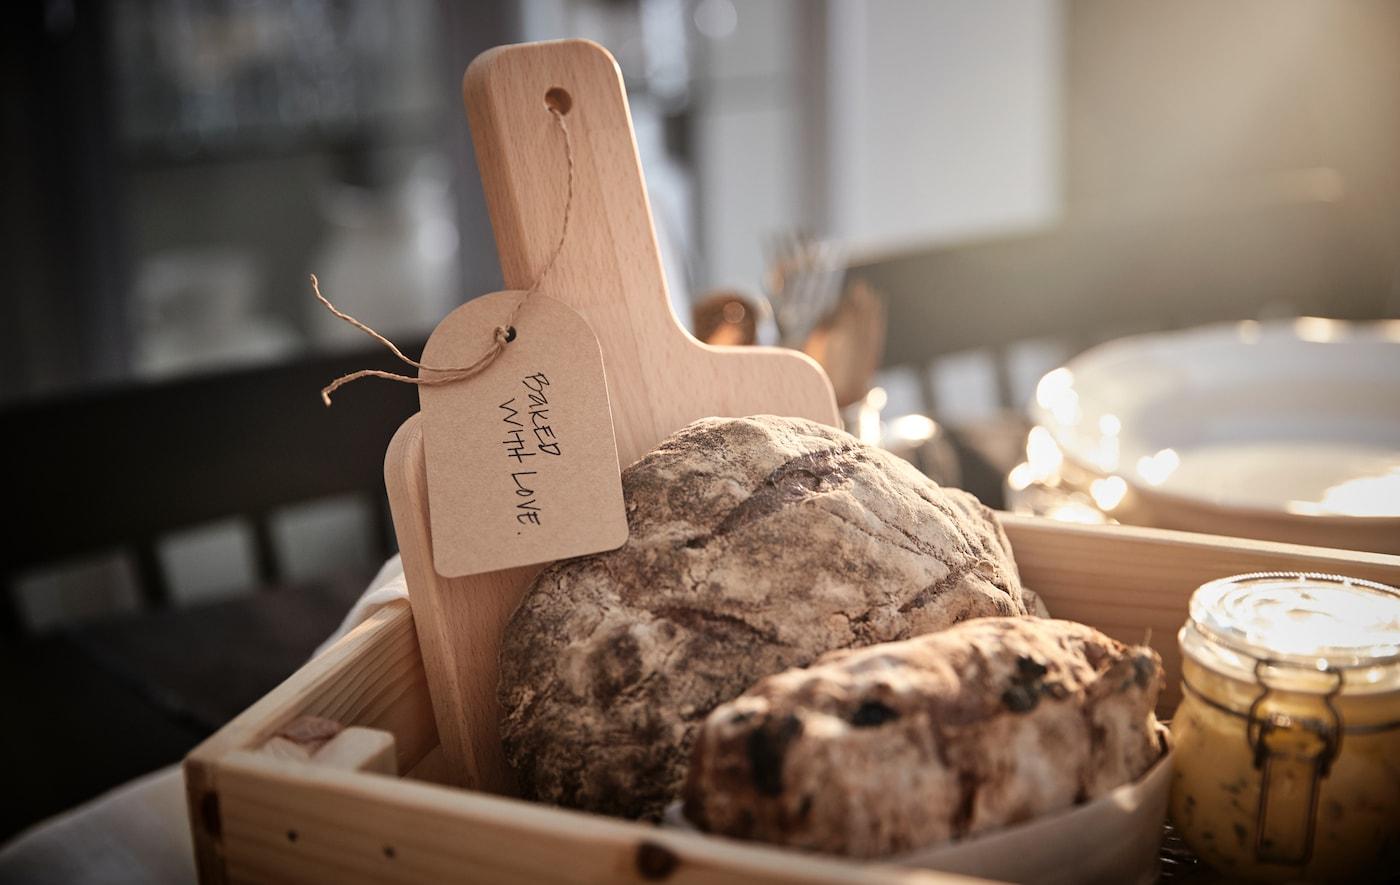 Una caja de madera llena de hogazas de pan, una tabla de cortar con una etiqueta de regalo y un tarro de cristal.